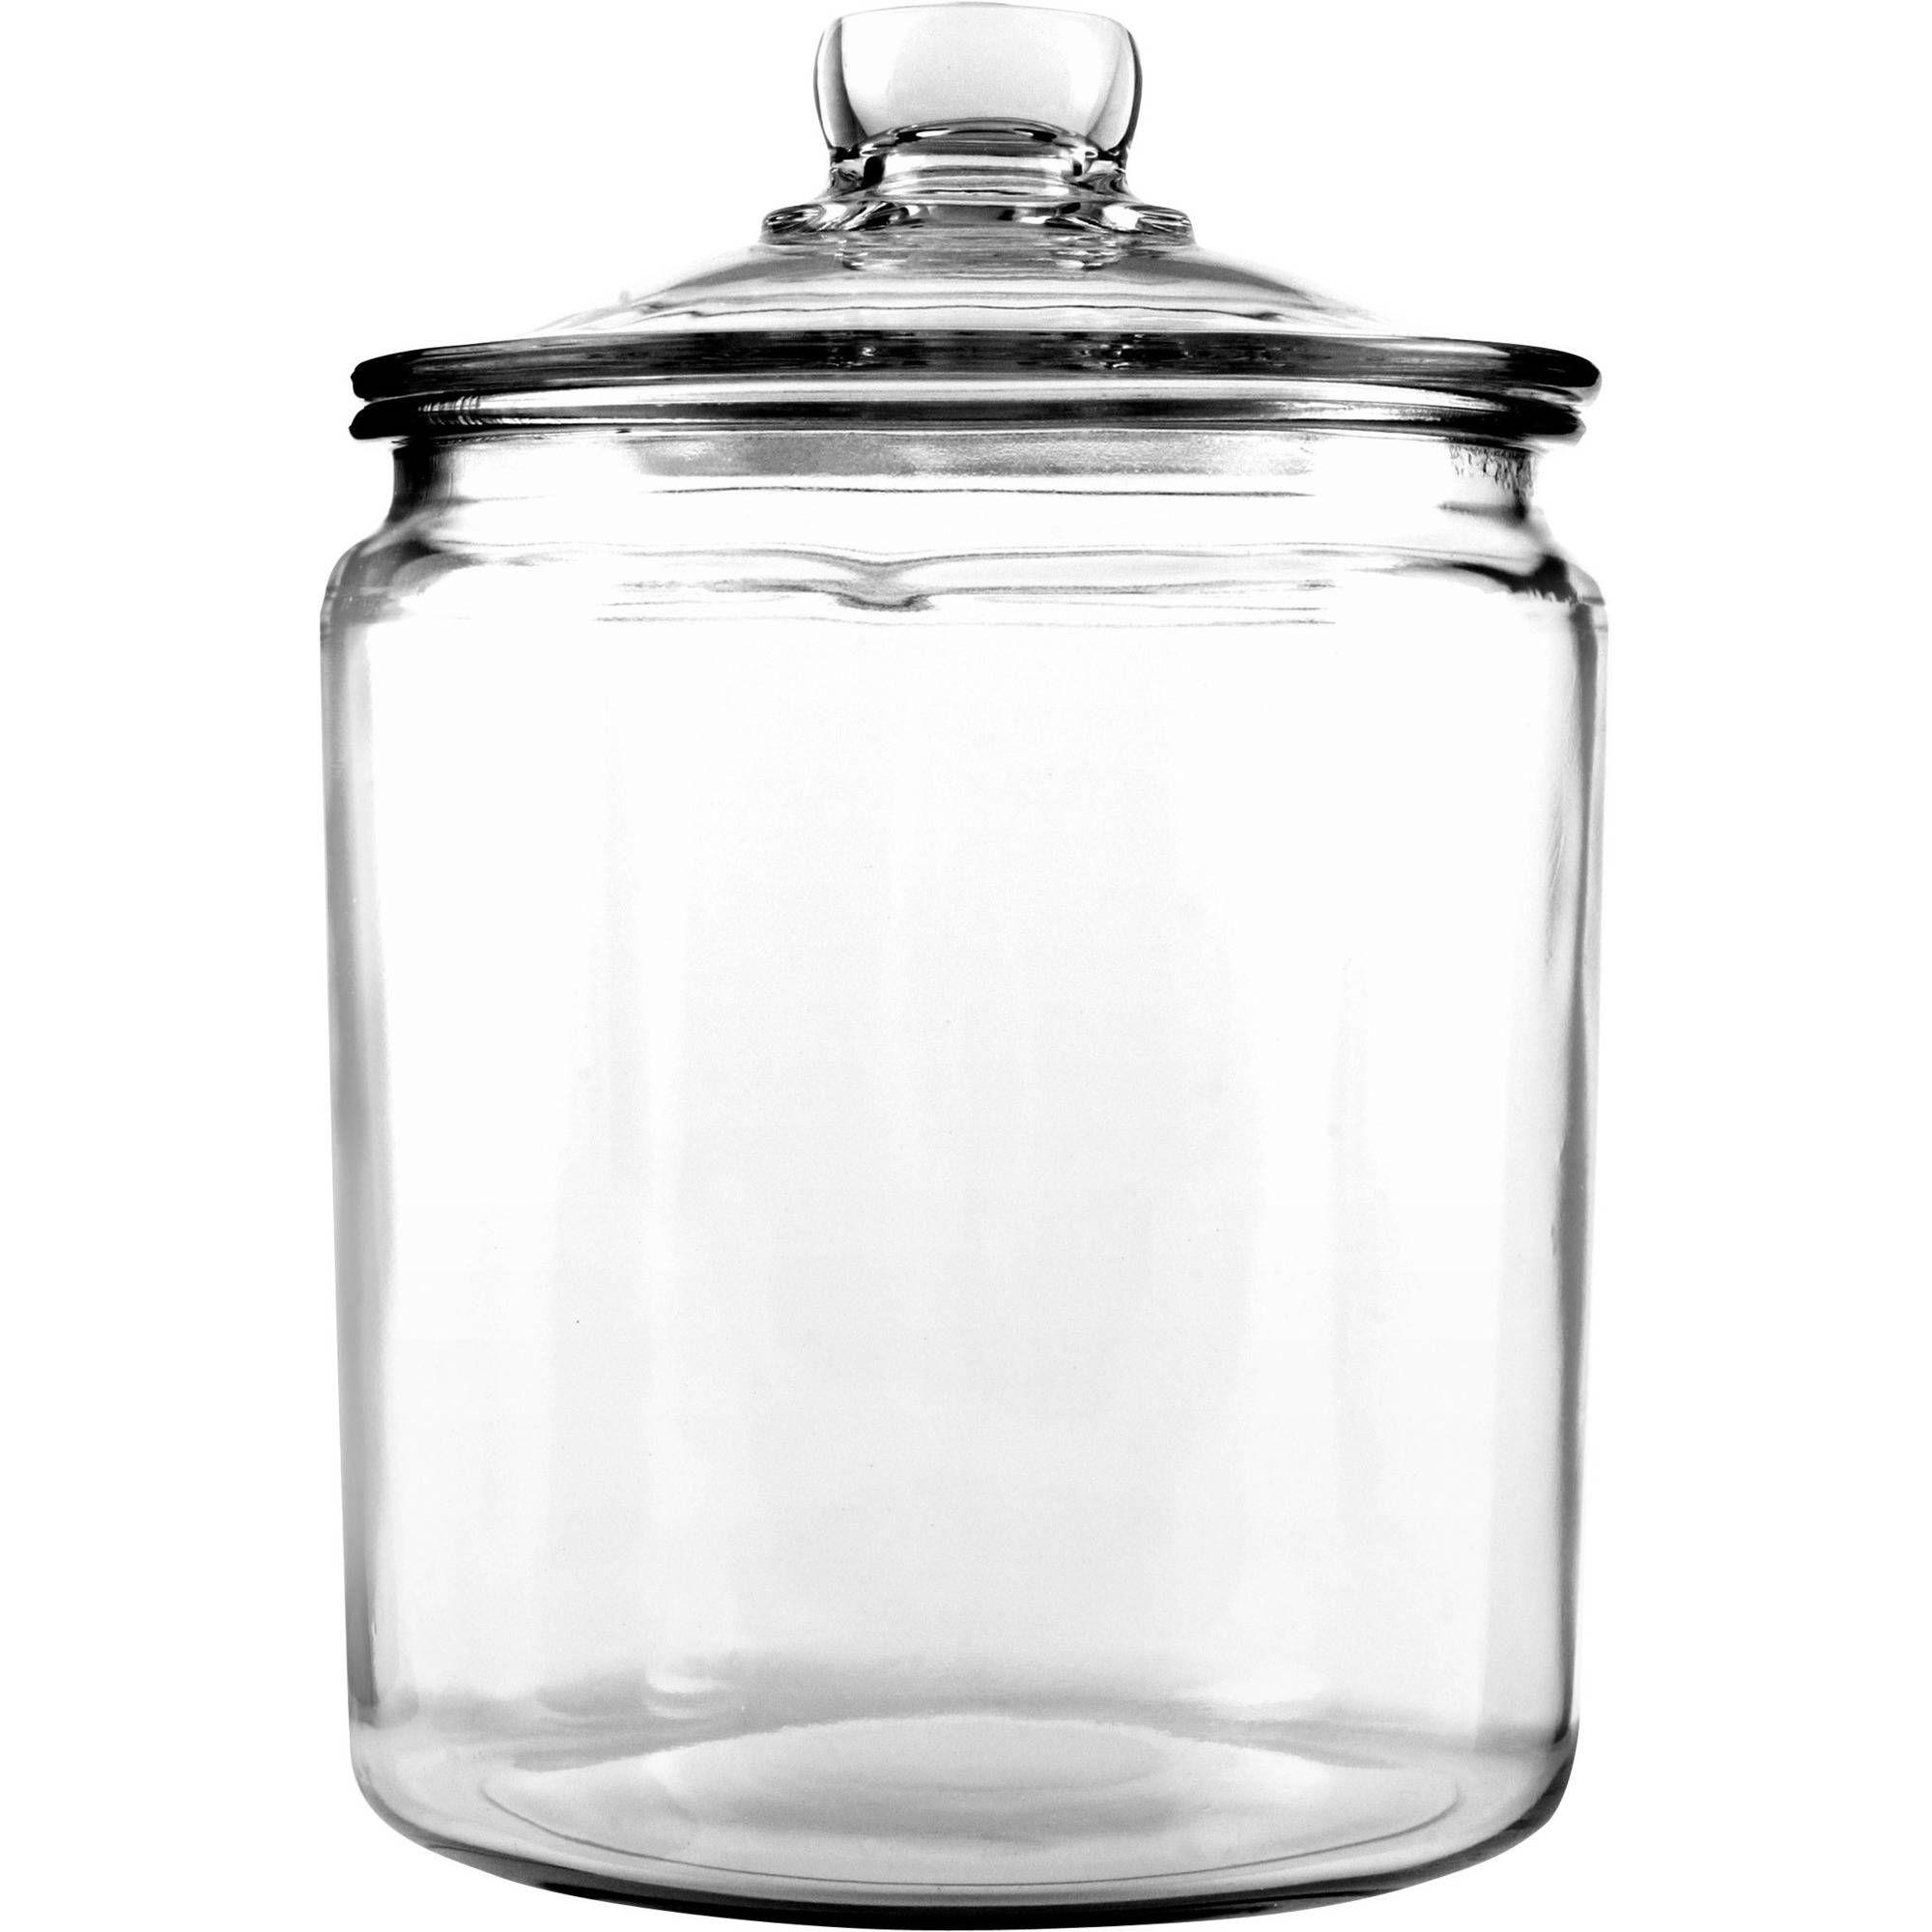 Glass storage containers jar storage